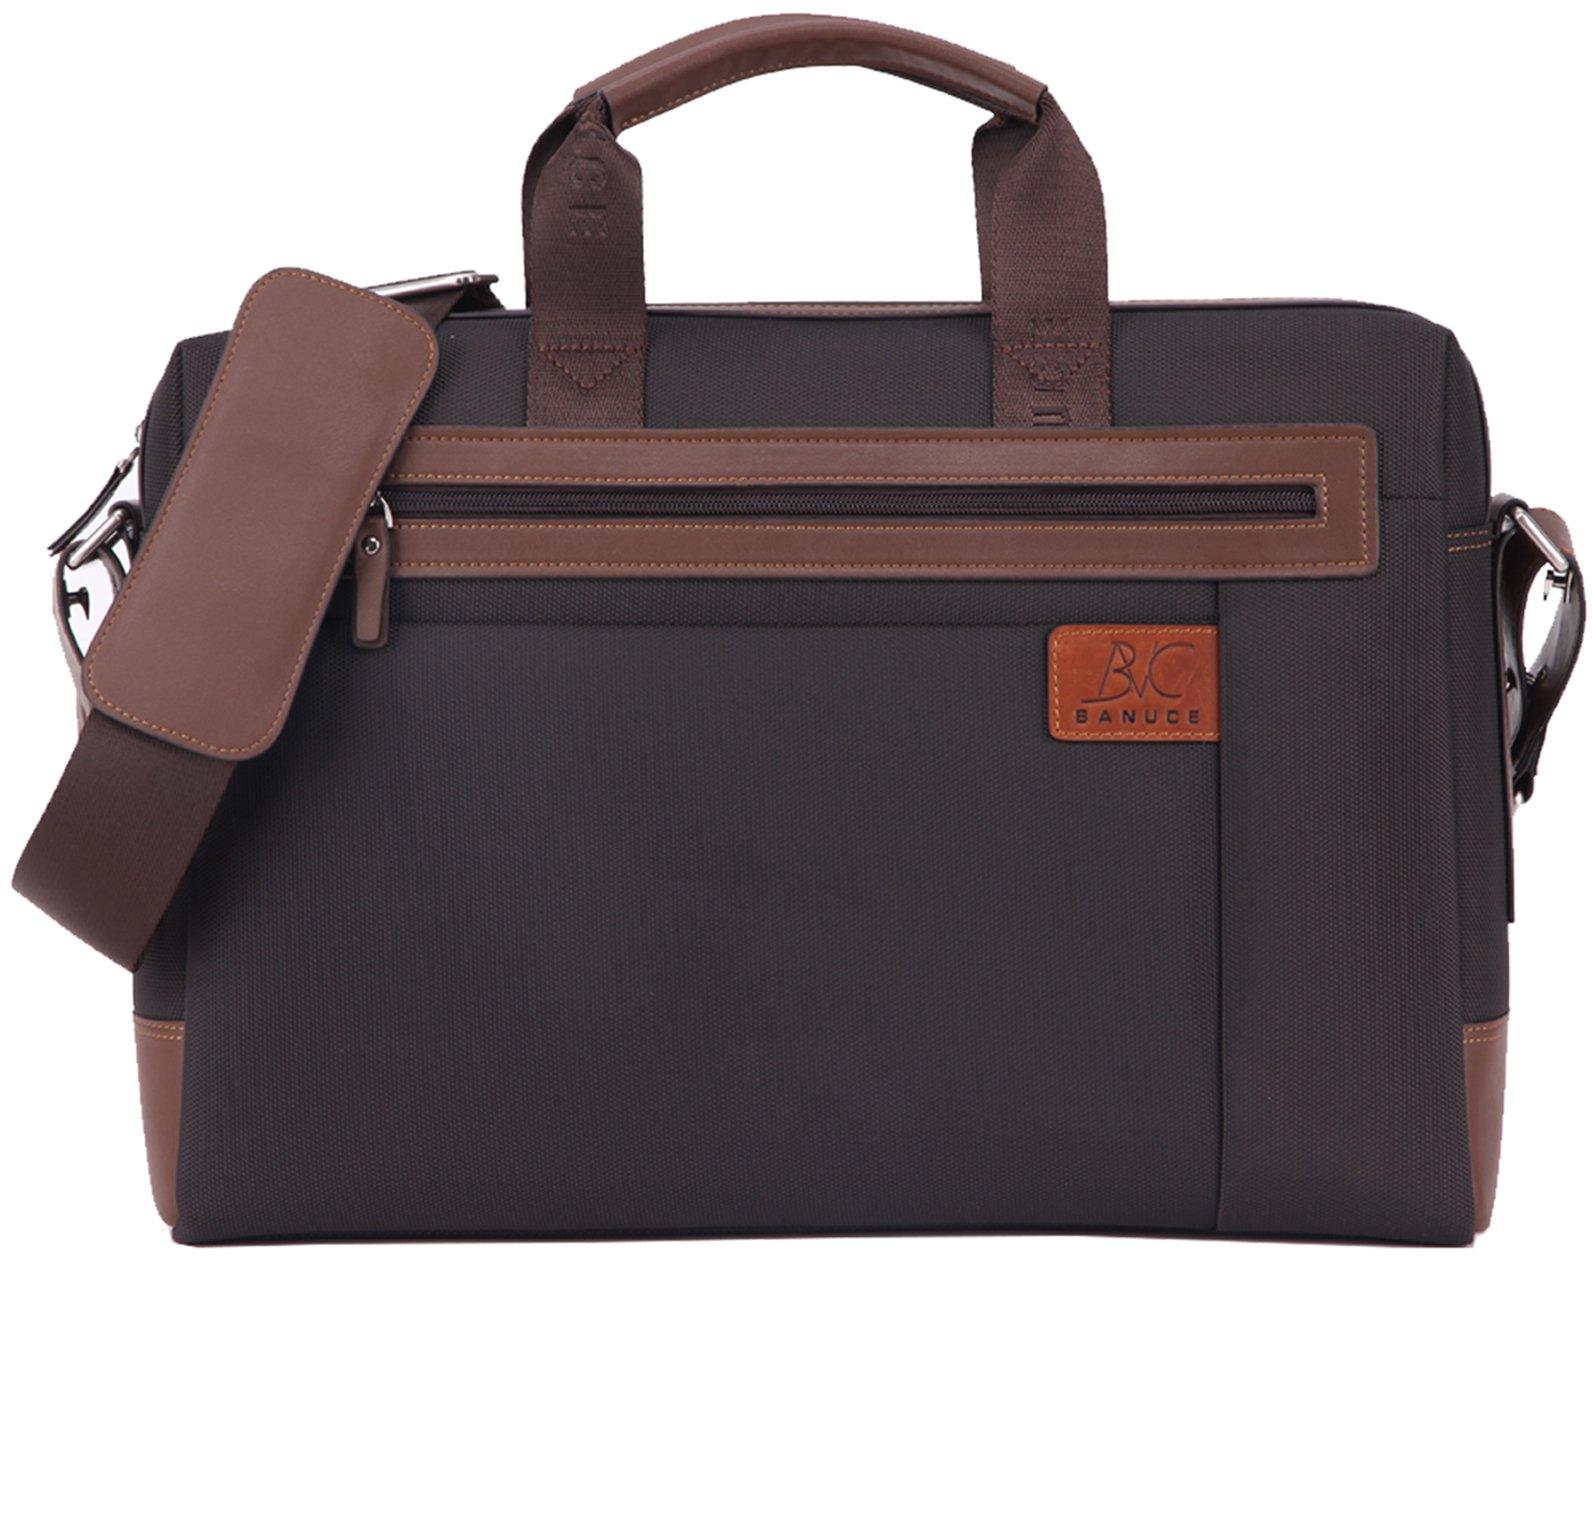 Banuce 15 inch Laptop Tablet Bag Oxford Nylon Waterproof Business Messenger Briefcase for Men Slim Shoulder Attache Case